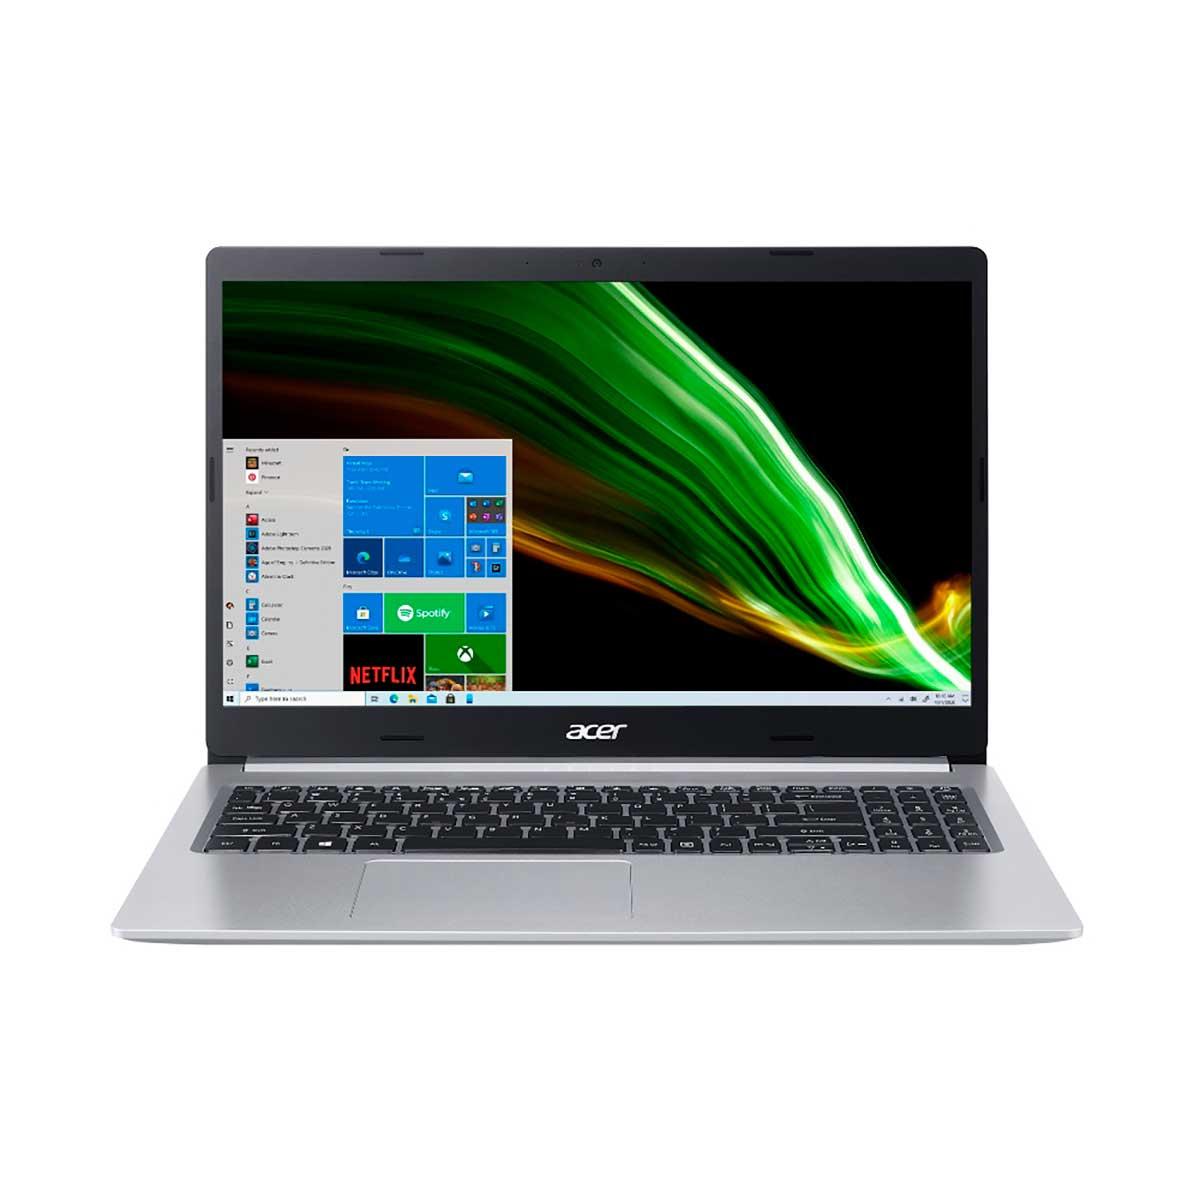 Imagem de Notebook Acer Aspire Intel Core I5-1035g1 8gb 512gb Ssd Tela 15.6